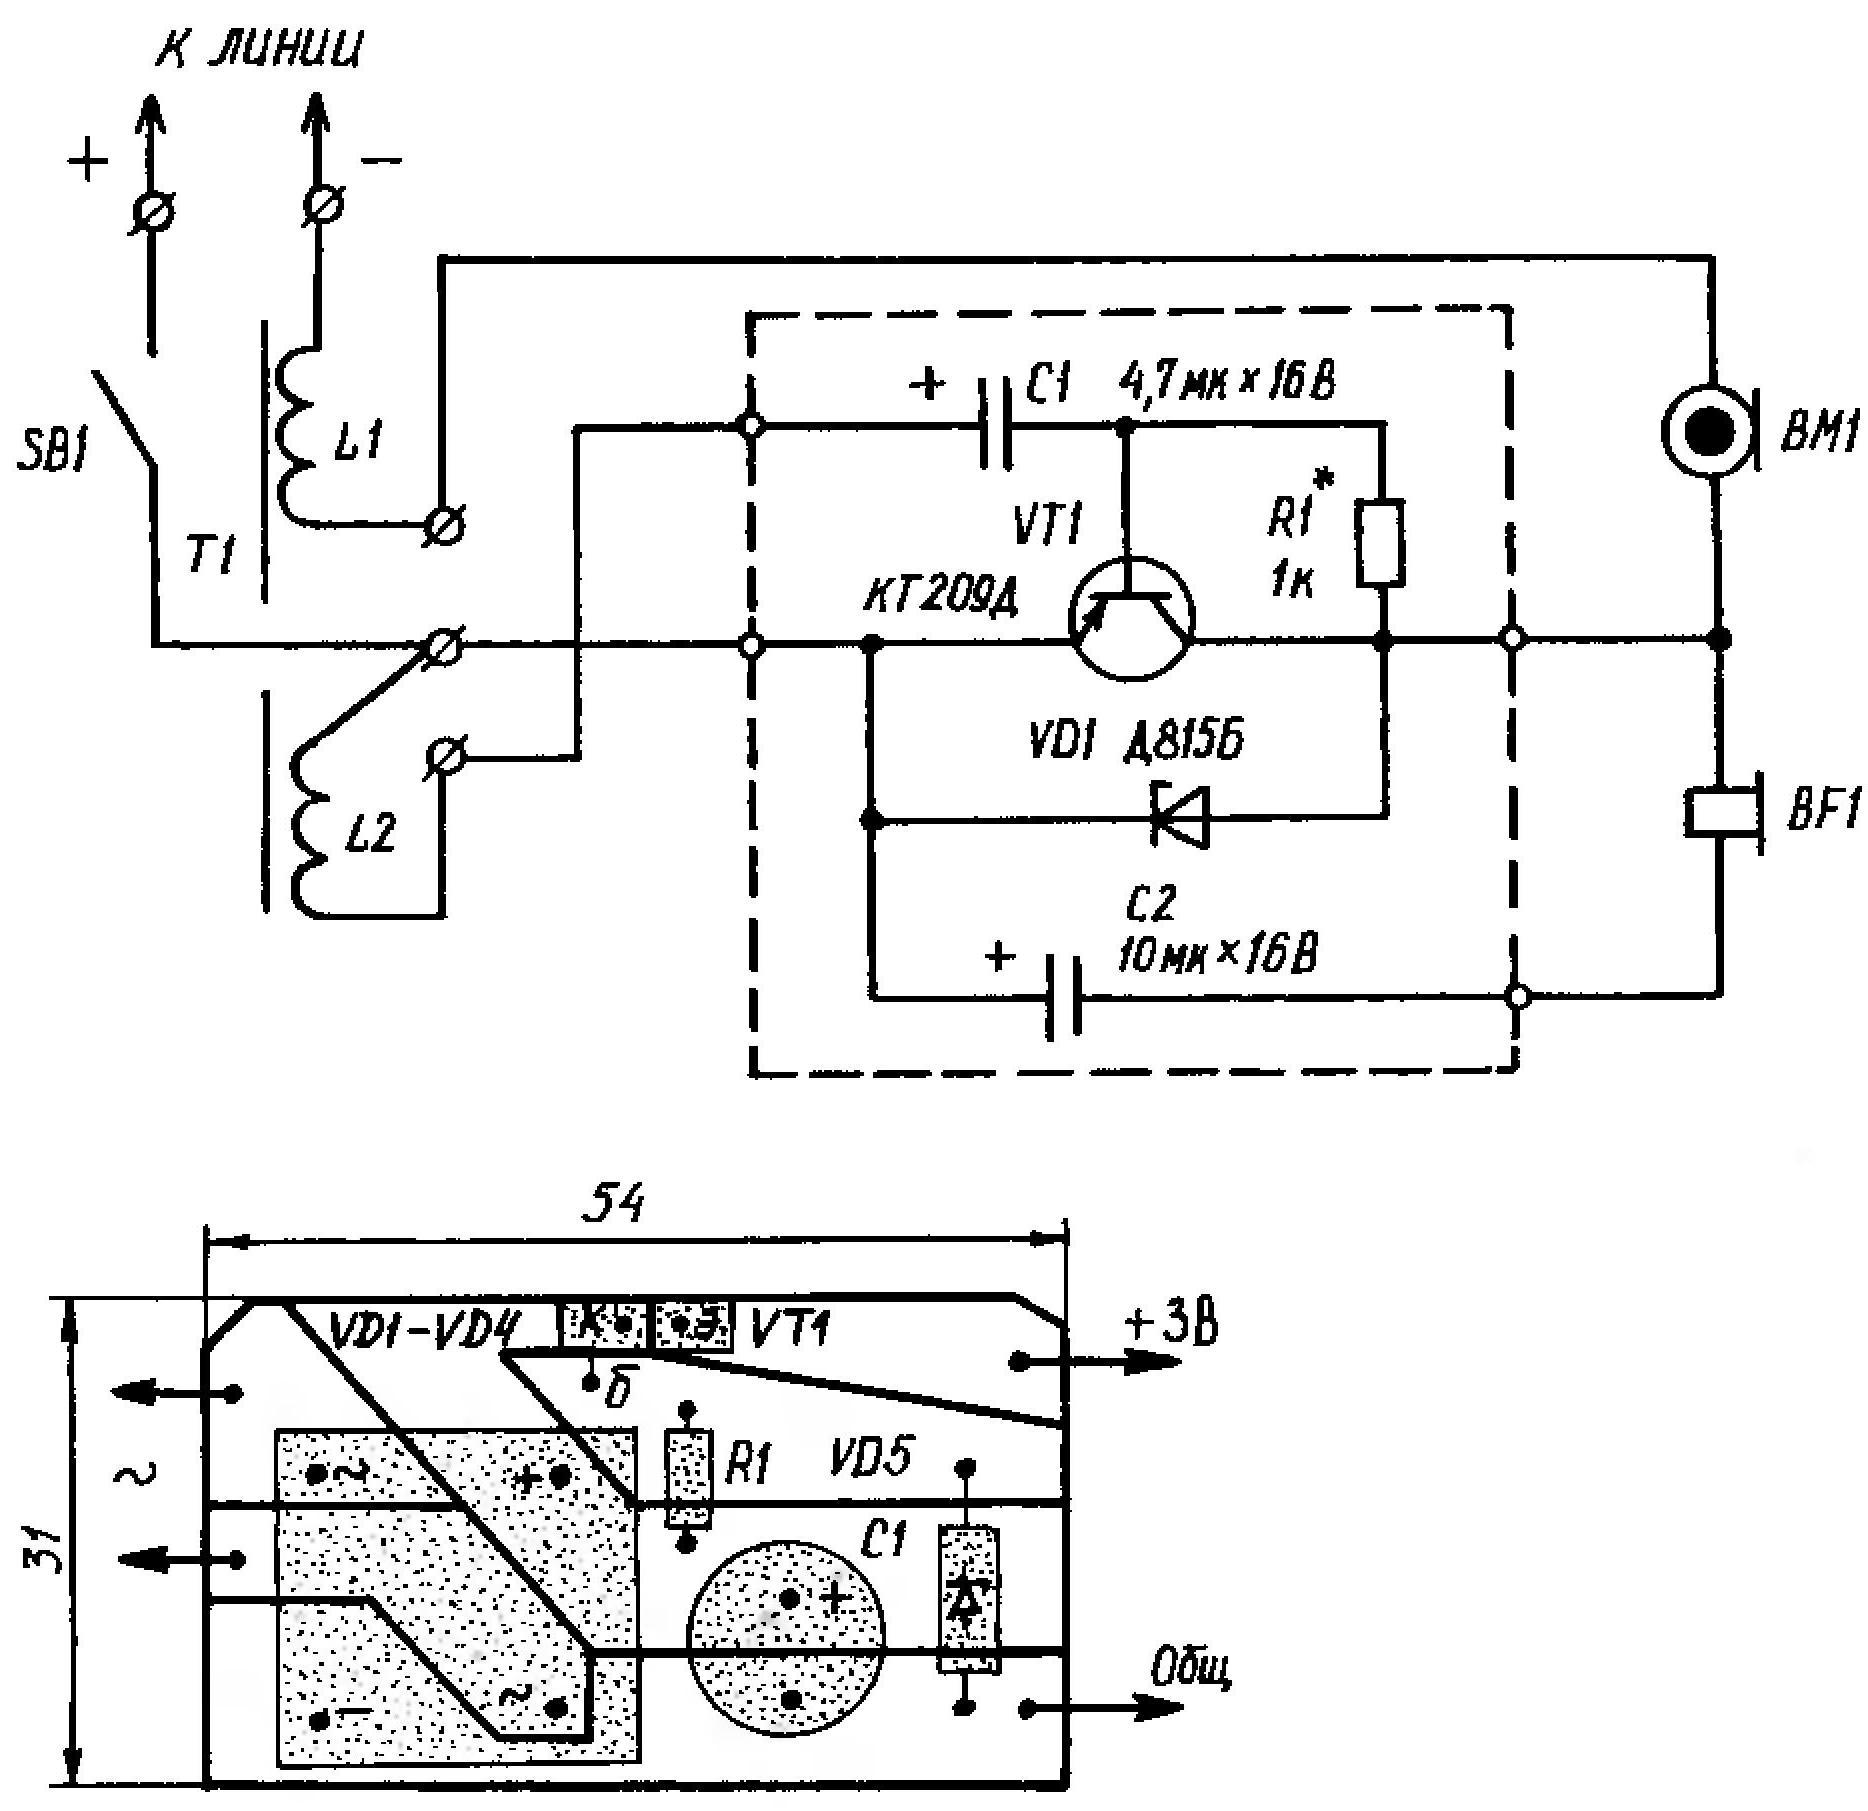 Схема усилители речевого сигнала дли телефонного аппарата с угольным микрофоном и его монтажная плата с распайкой радиодеталей, условно изображенных со стороны псевдопечатных проводников